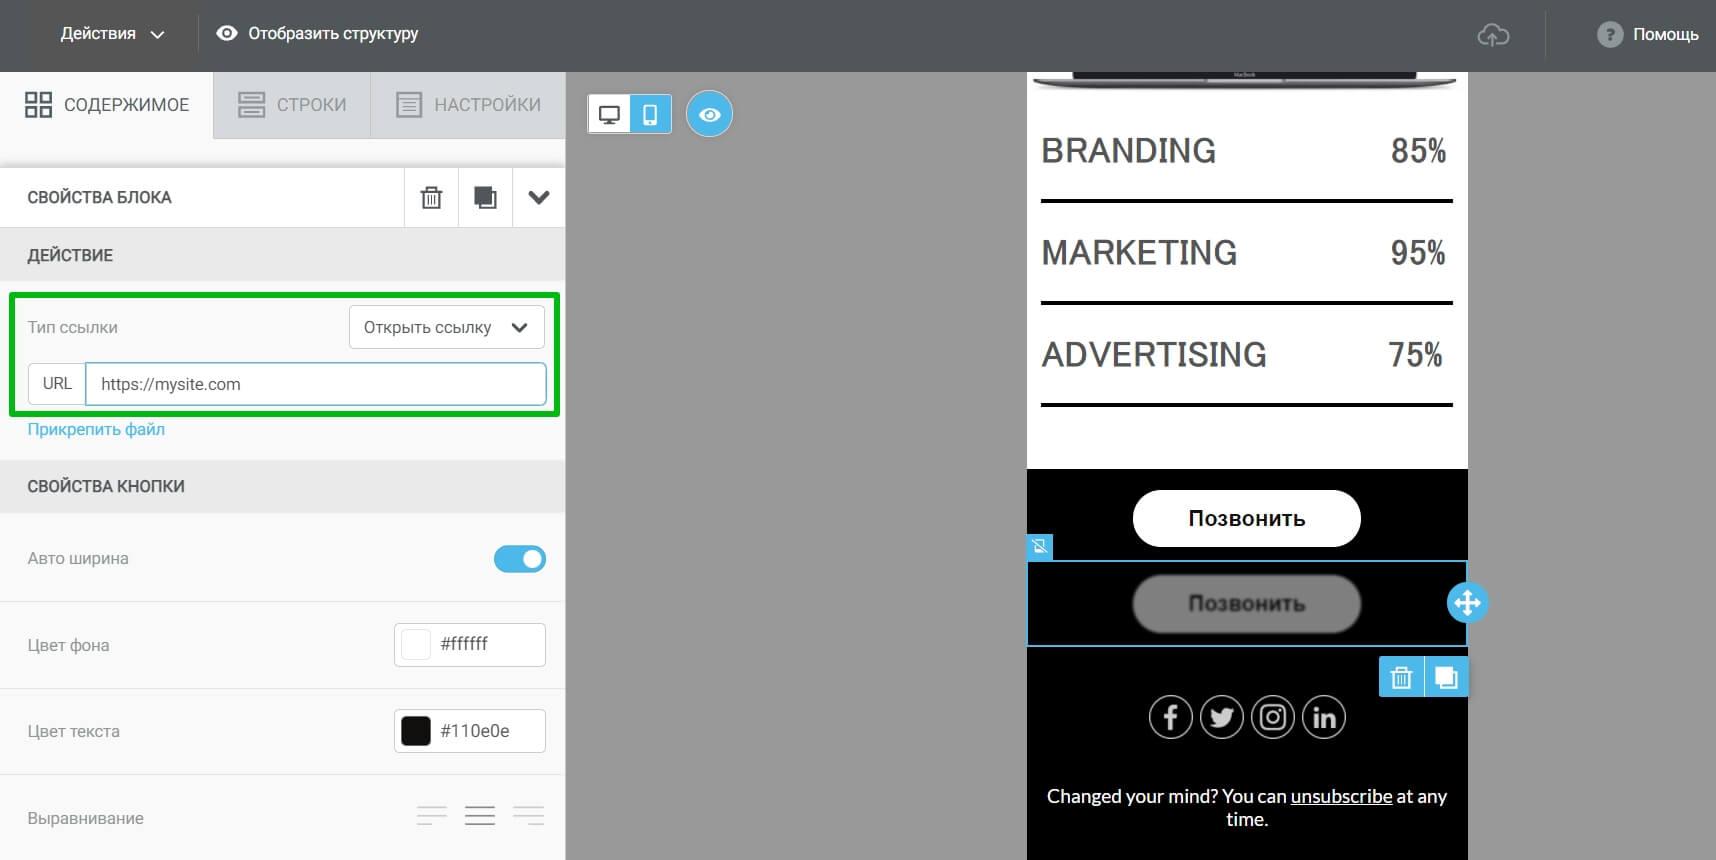 Кнопка с переходом на сайт для desktop-версии письма